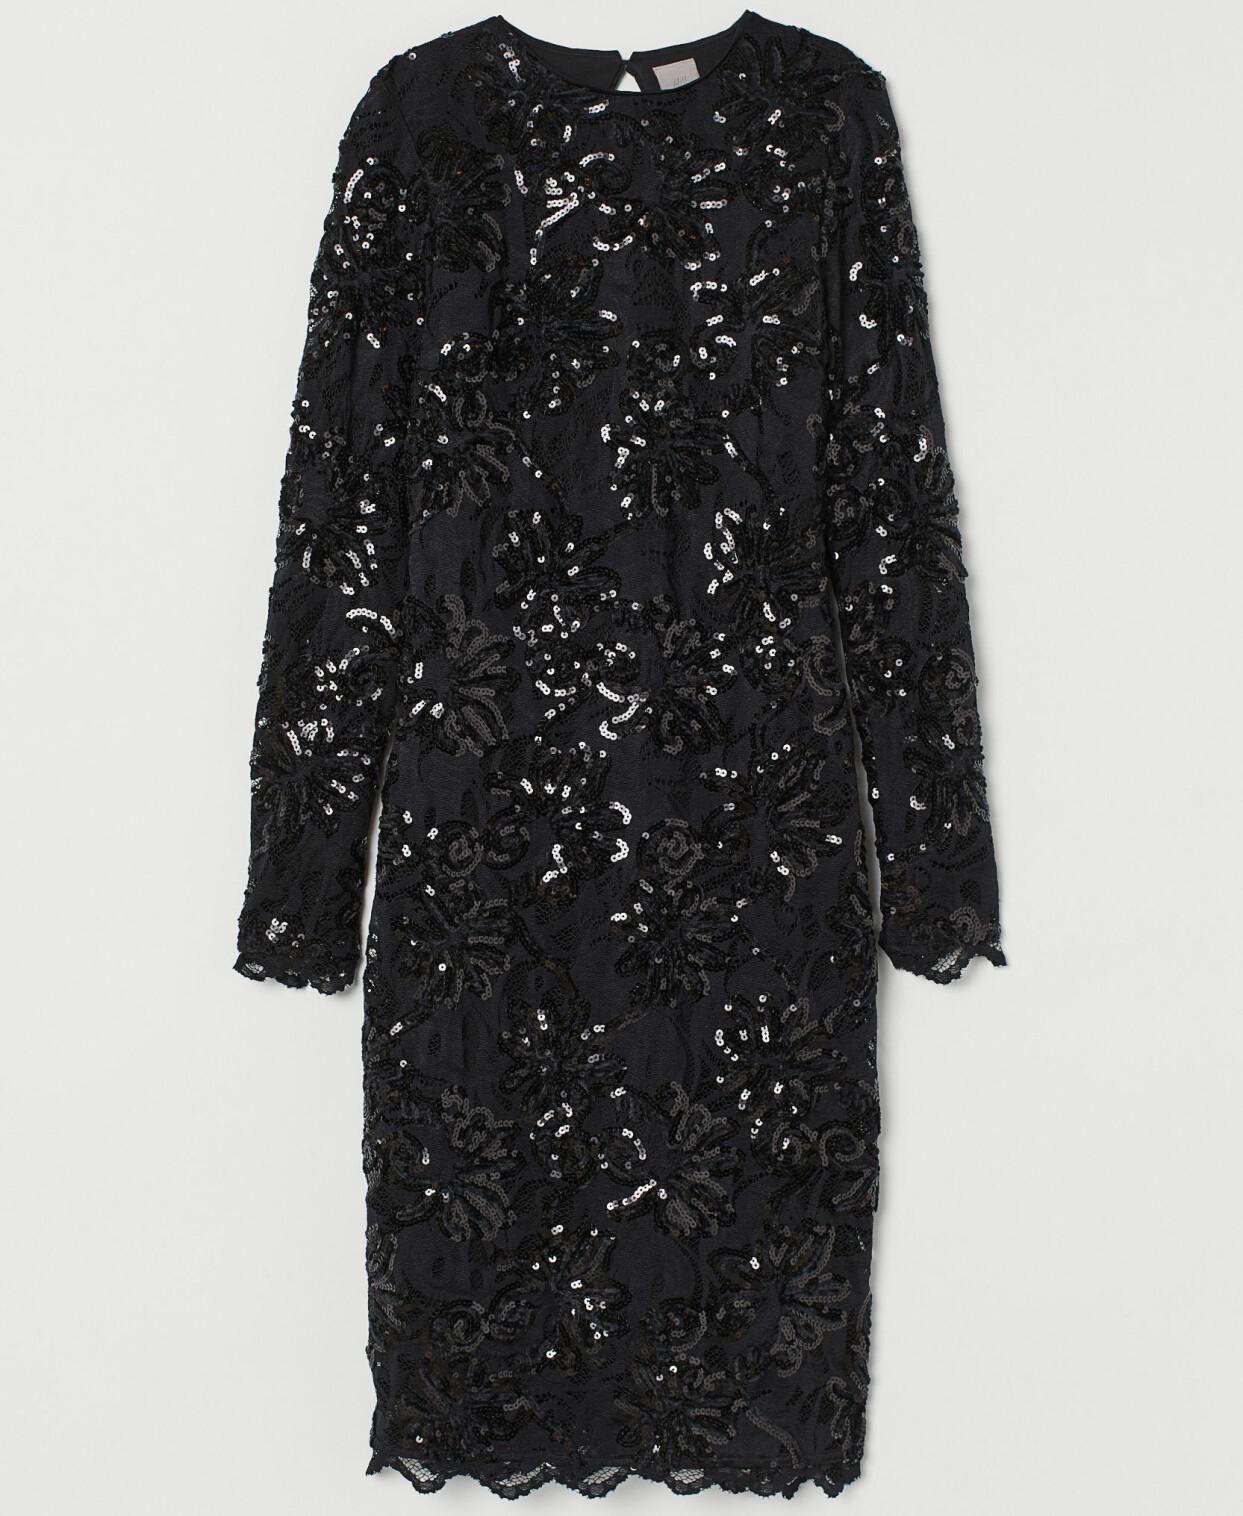 Svart paljettklänning med lång ärm, från H&M